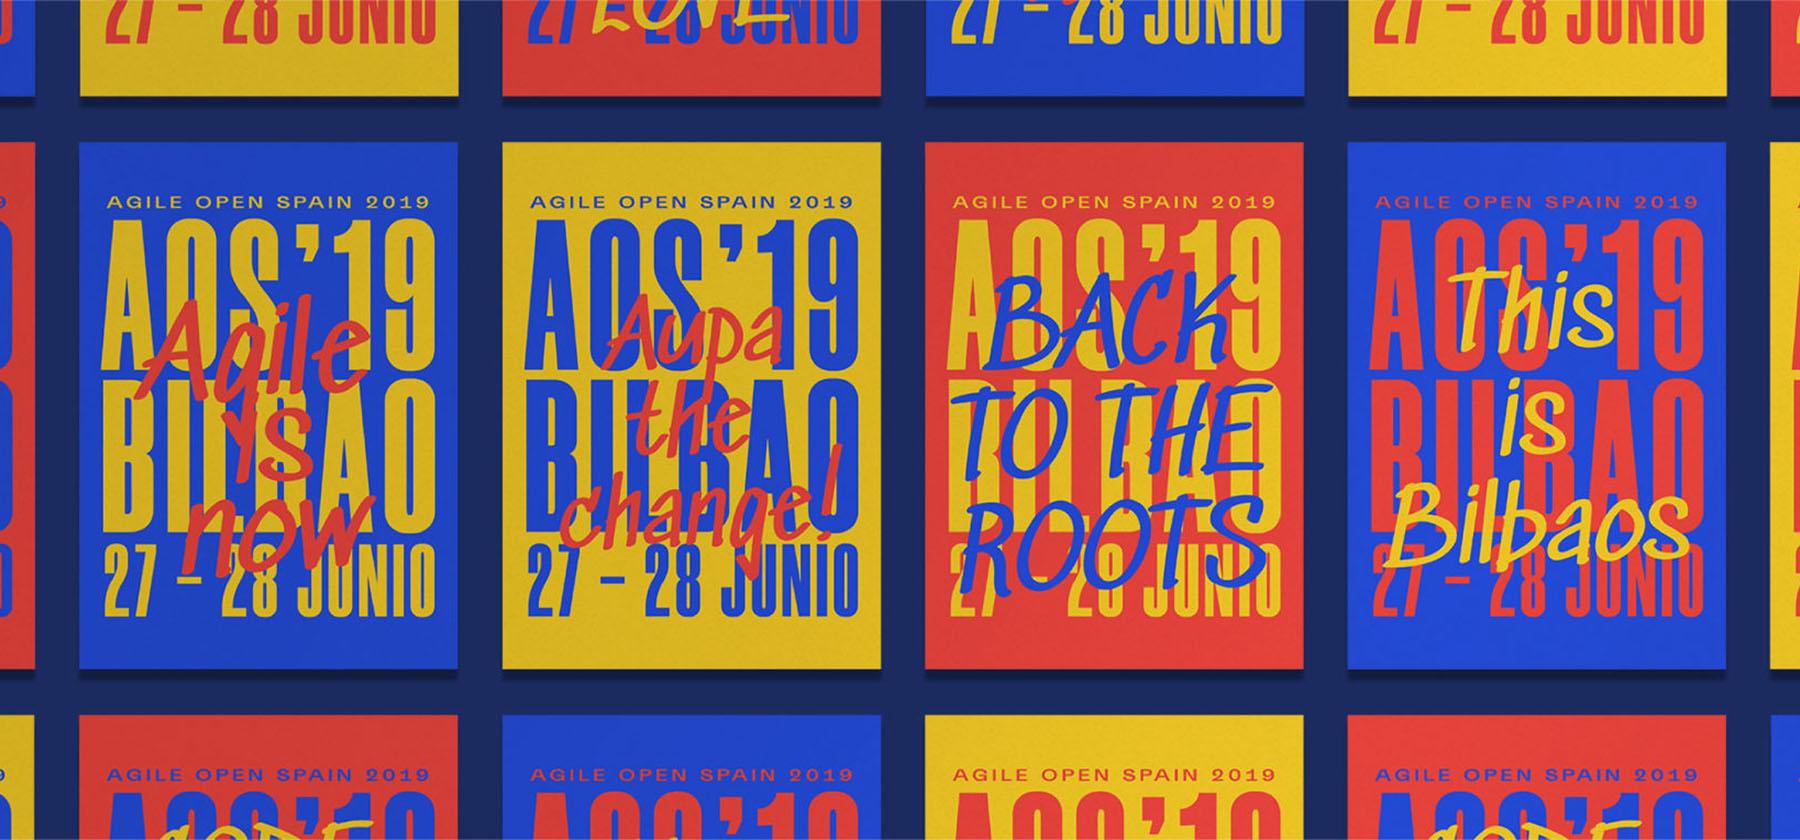 Cartel del evento Agile Open Spain - AOS2019